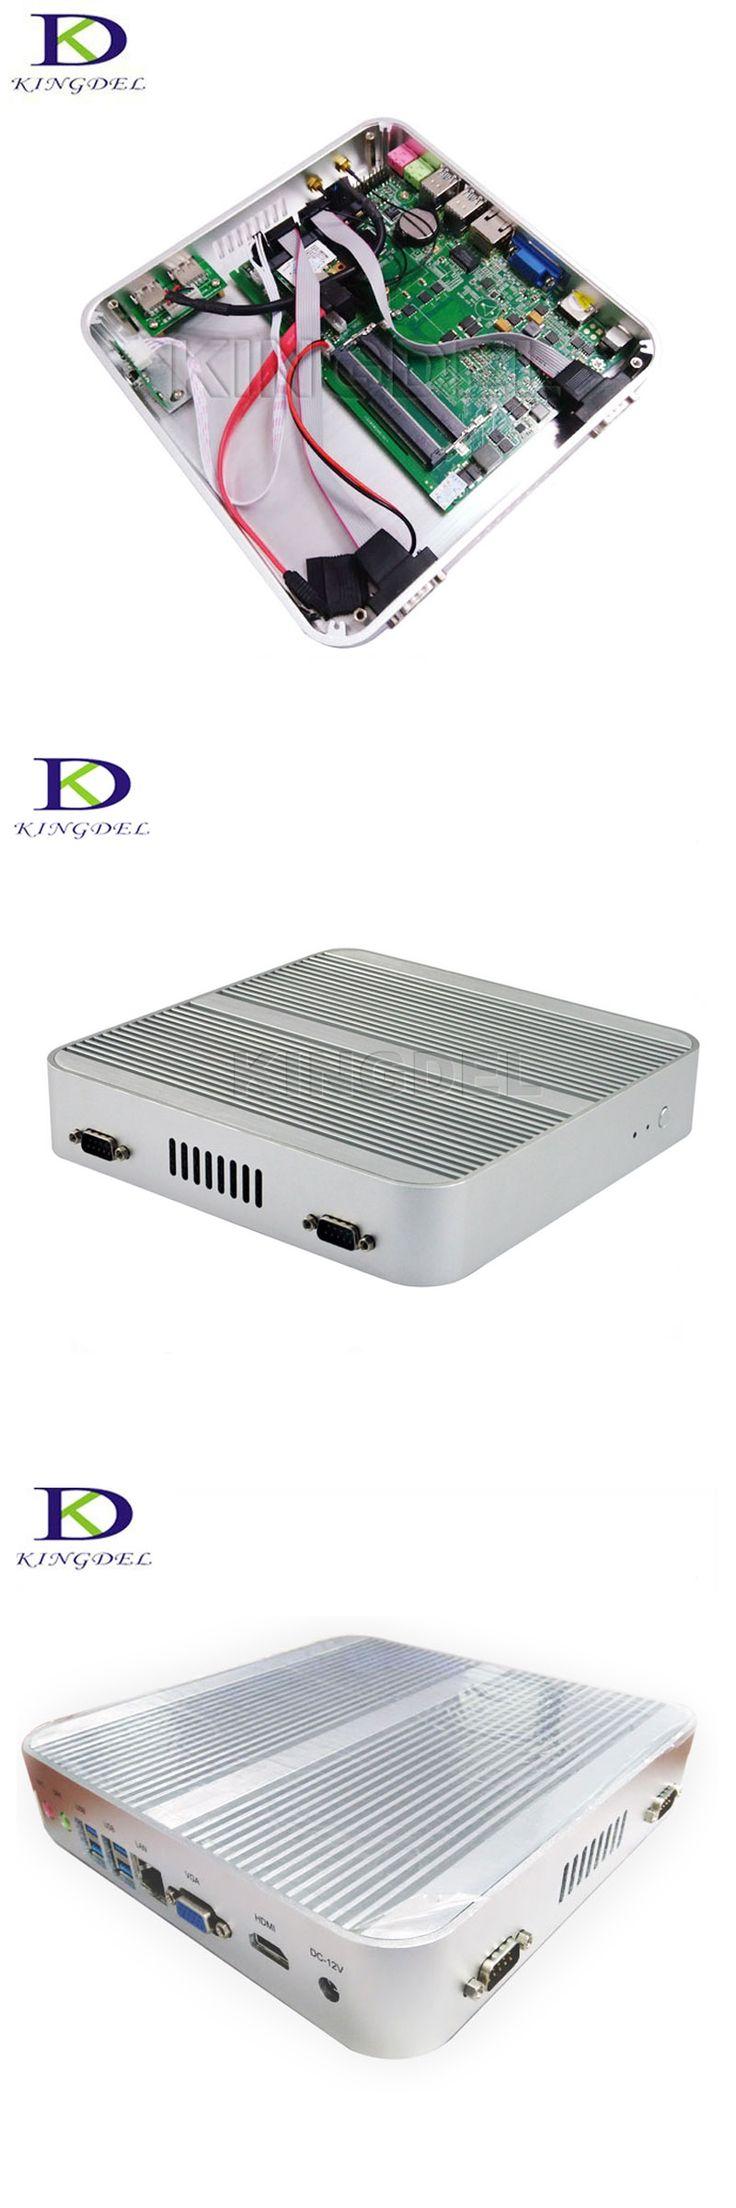 Haswell Fanless i5 Mini Industrial PC Windows 10 HD 4400 HTPC TV Box Intel Core i5 4200U HDMI VGA Mini ITX Gaming Computer